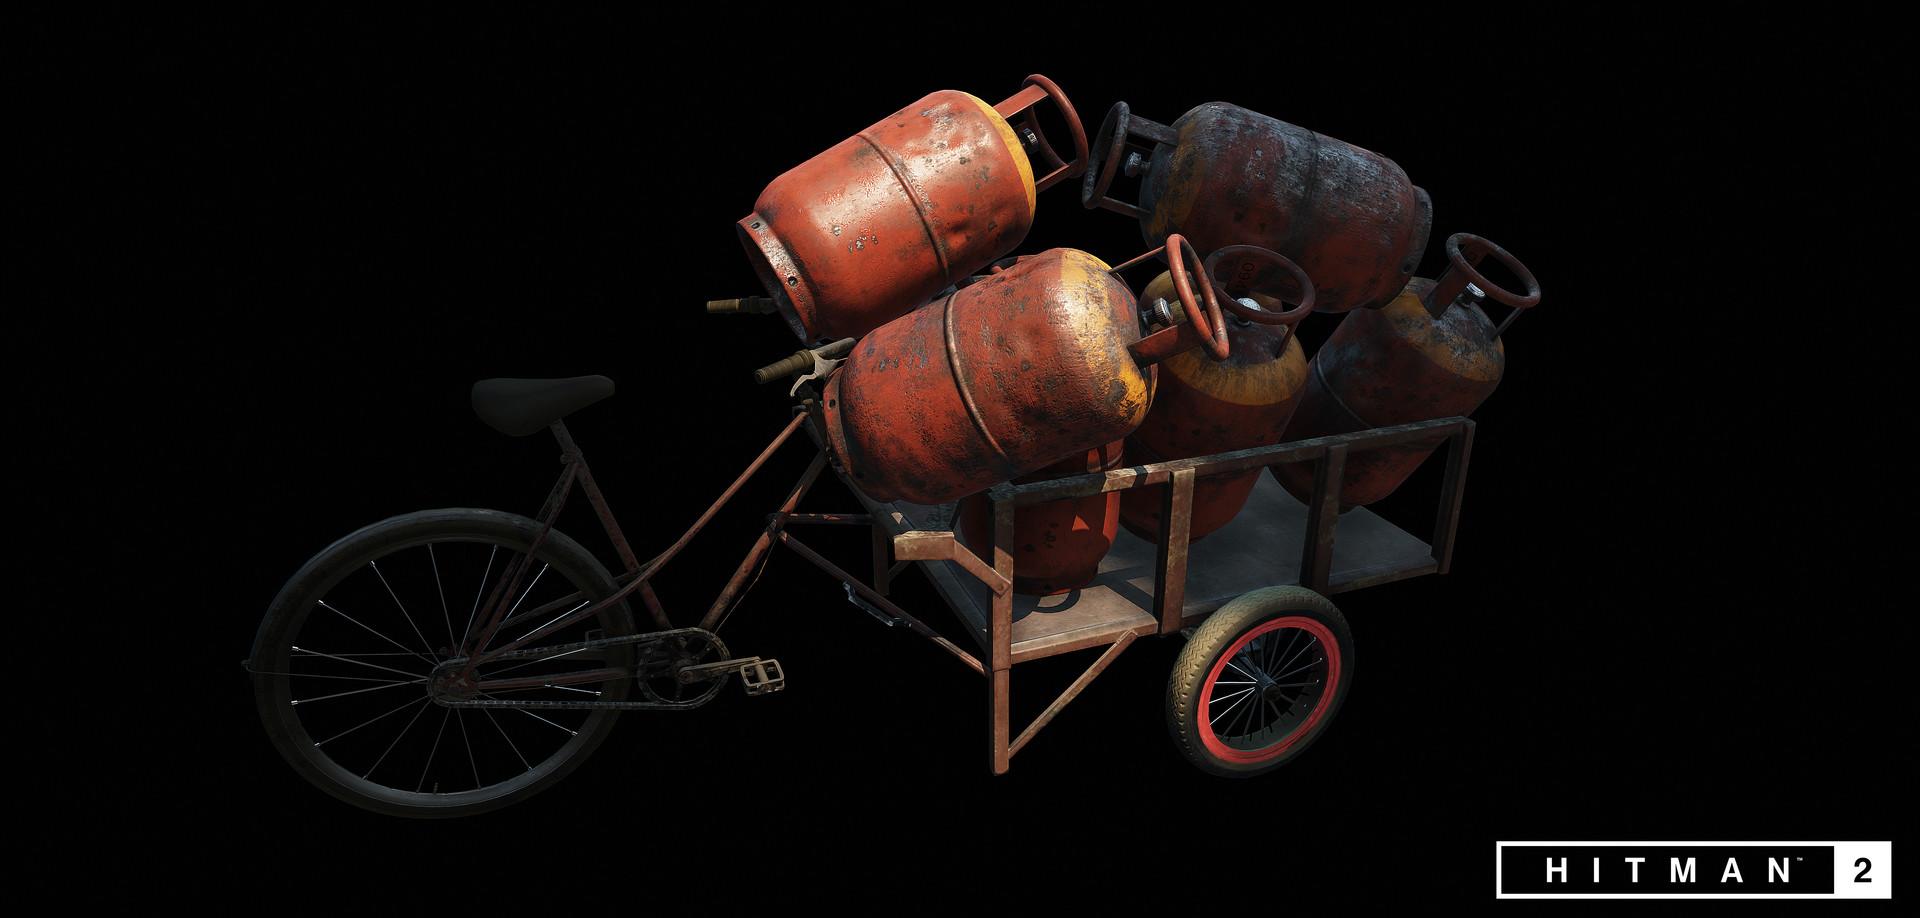 Emil skriver explosive bike